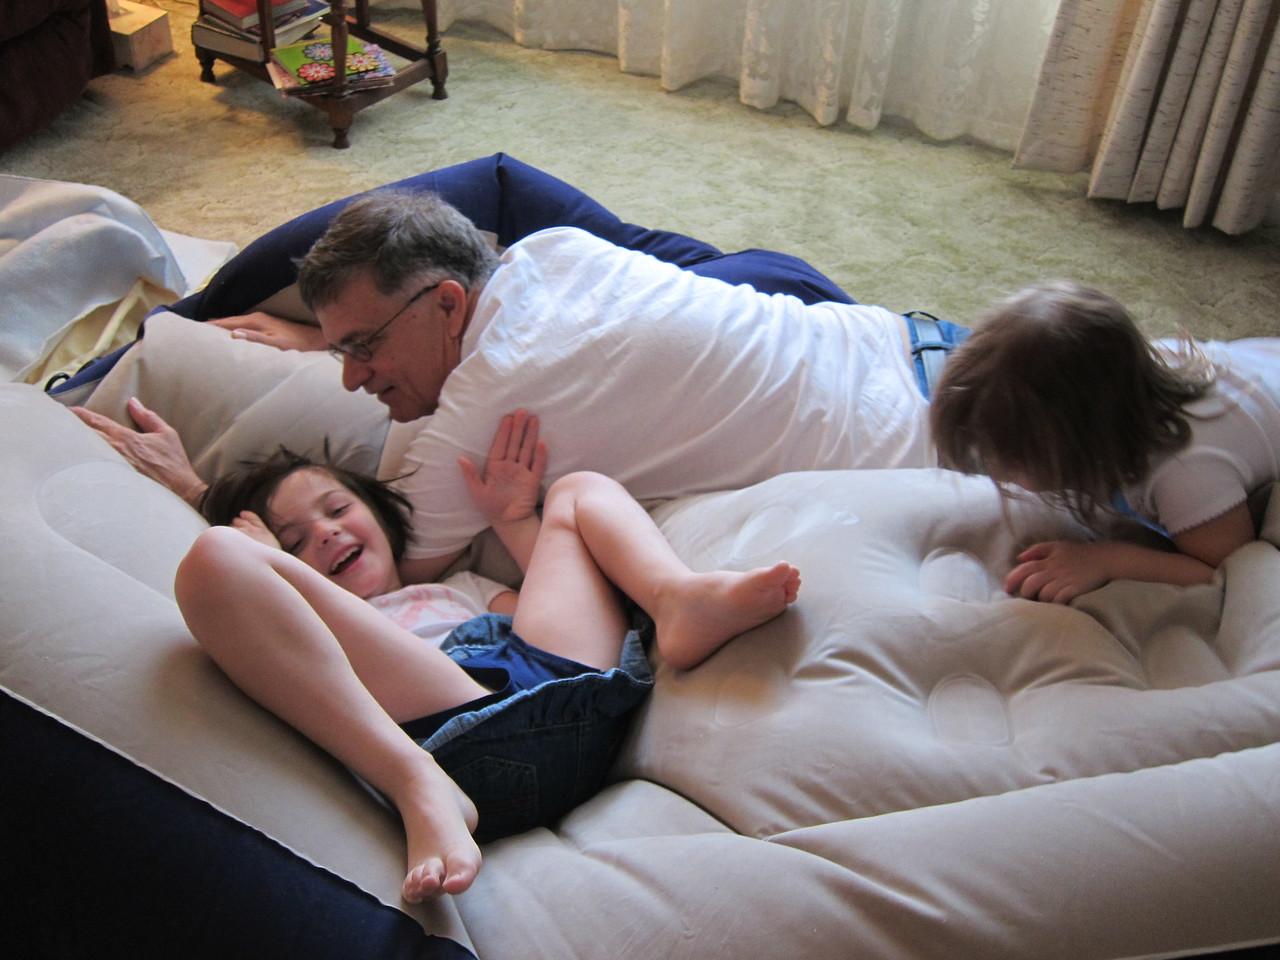 deflating the aero bed at Mama's